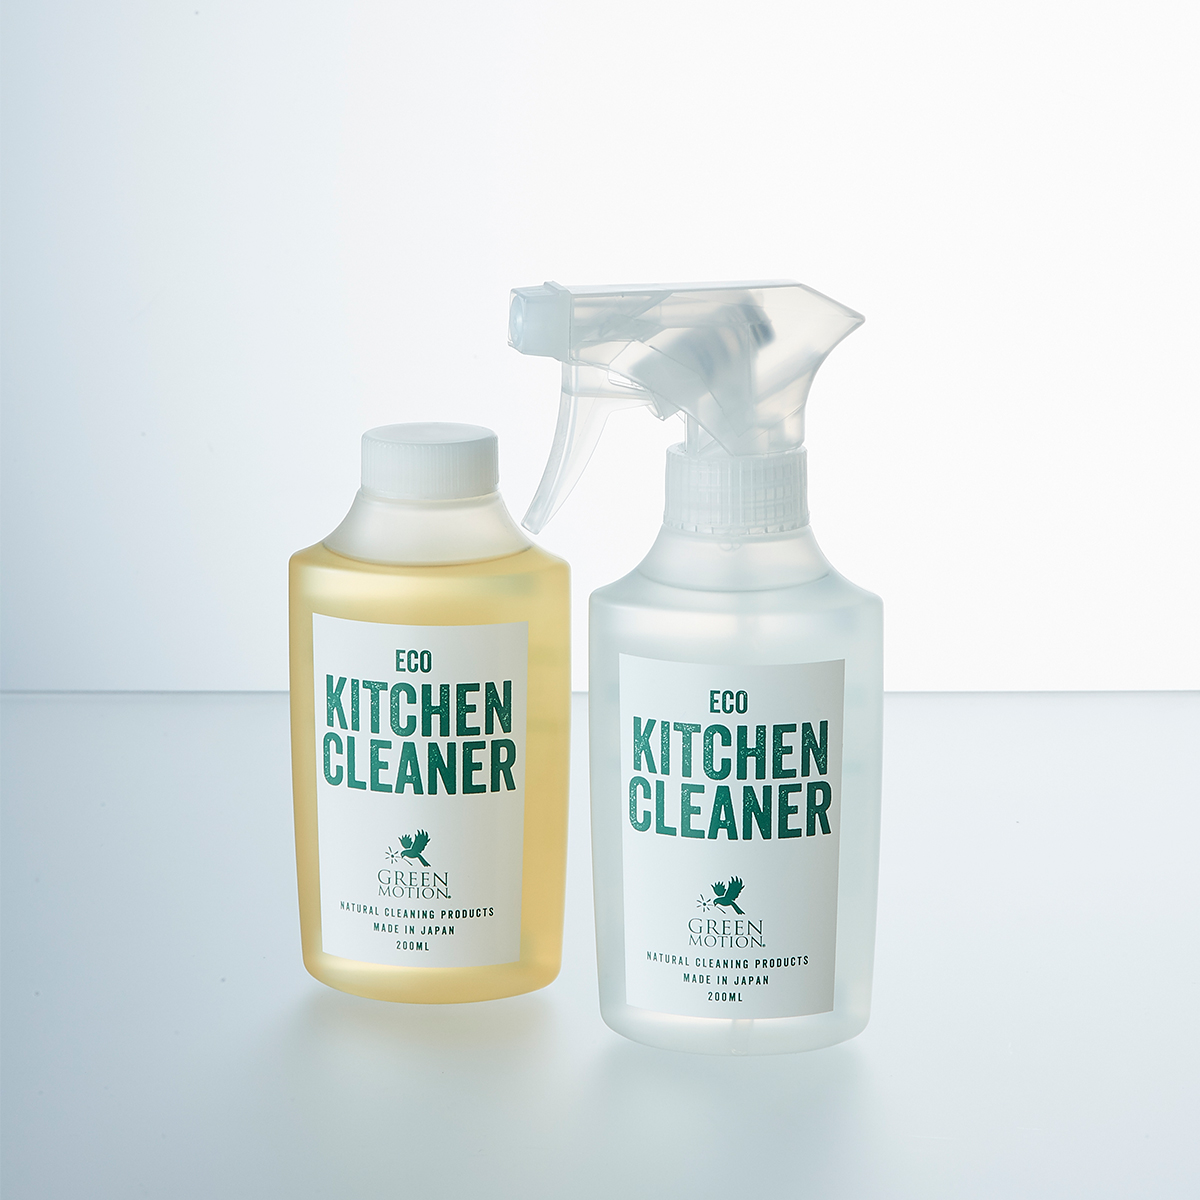 天然ヒバの香りで、除菌・消臭も。洗剤なのに、スプレーして拭くだけ!ヒバ精油配合で除菌・消臭もできる「エコキッチンクリーナー」|GREEN MOTION